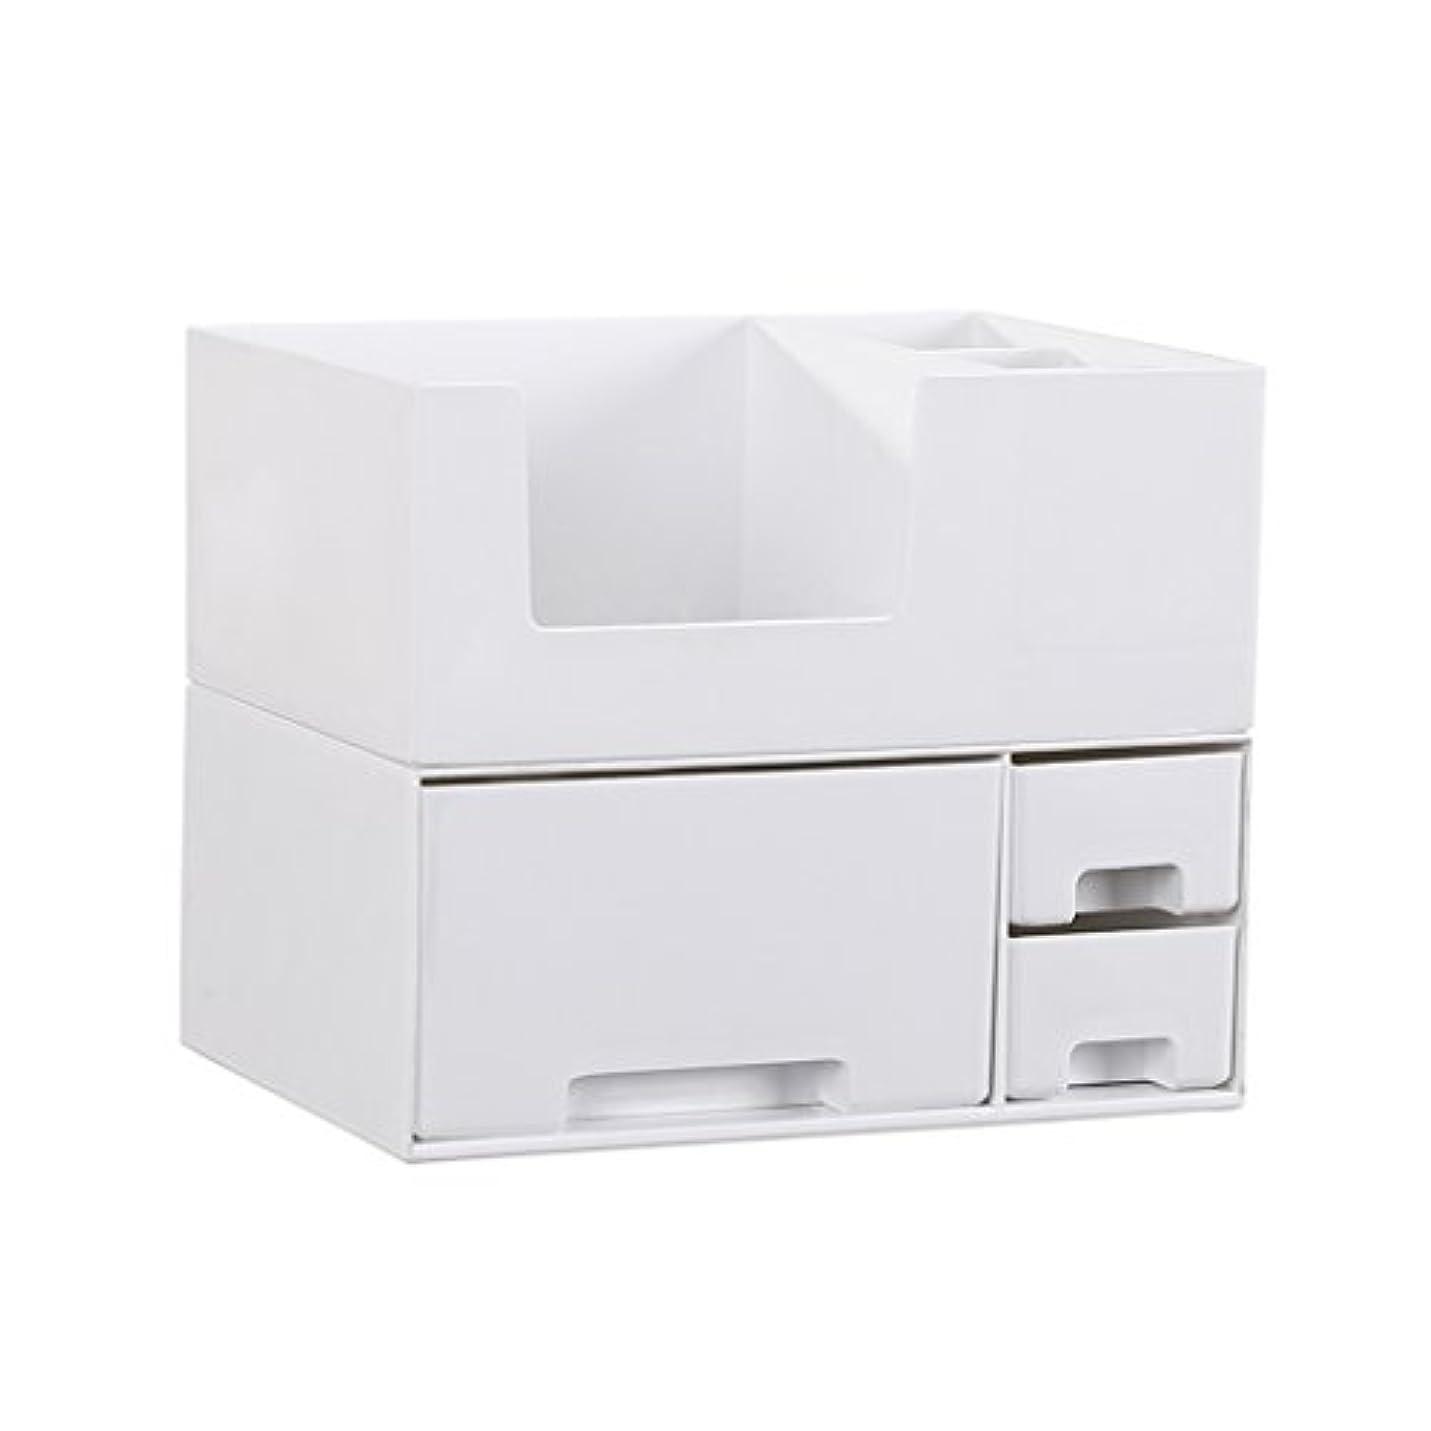 世界持ってる想像するデスクトップ化粧品収納ボックス、スキンケア製品、フェイシャルマスク、ジュエリー、収納ラック、白い2階建て多目的収納ボックス